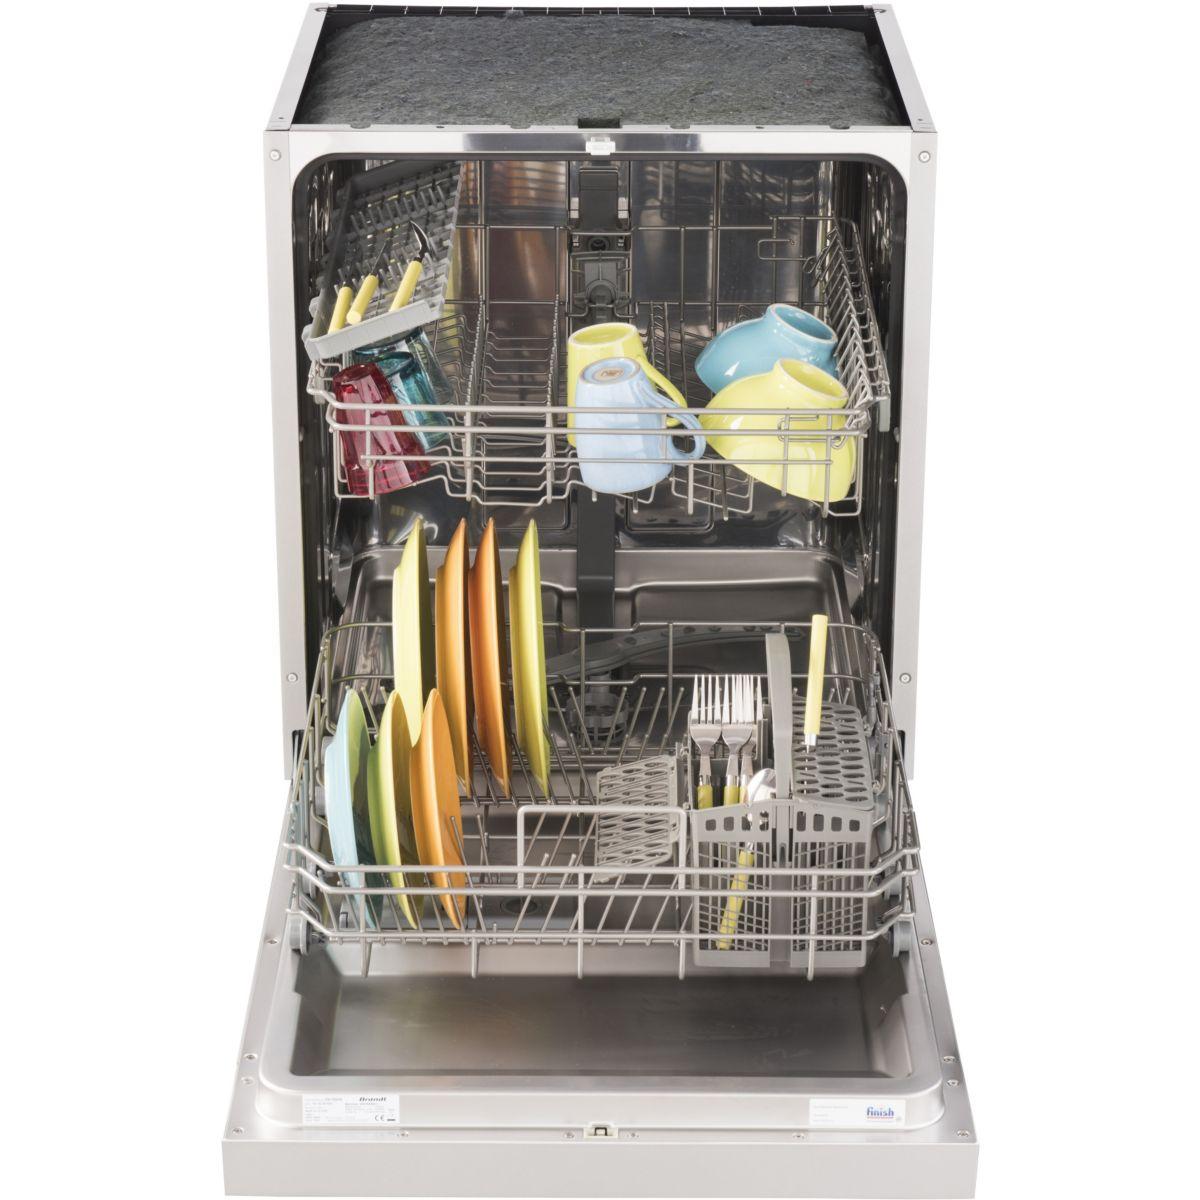 Lave-vaisselle intégrable brandt vh1505x - soldes et bons plans